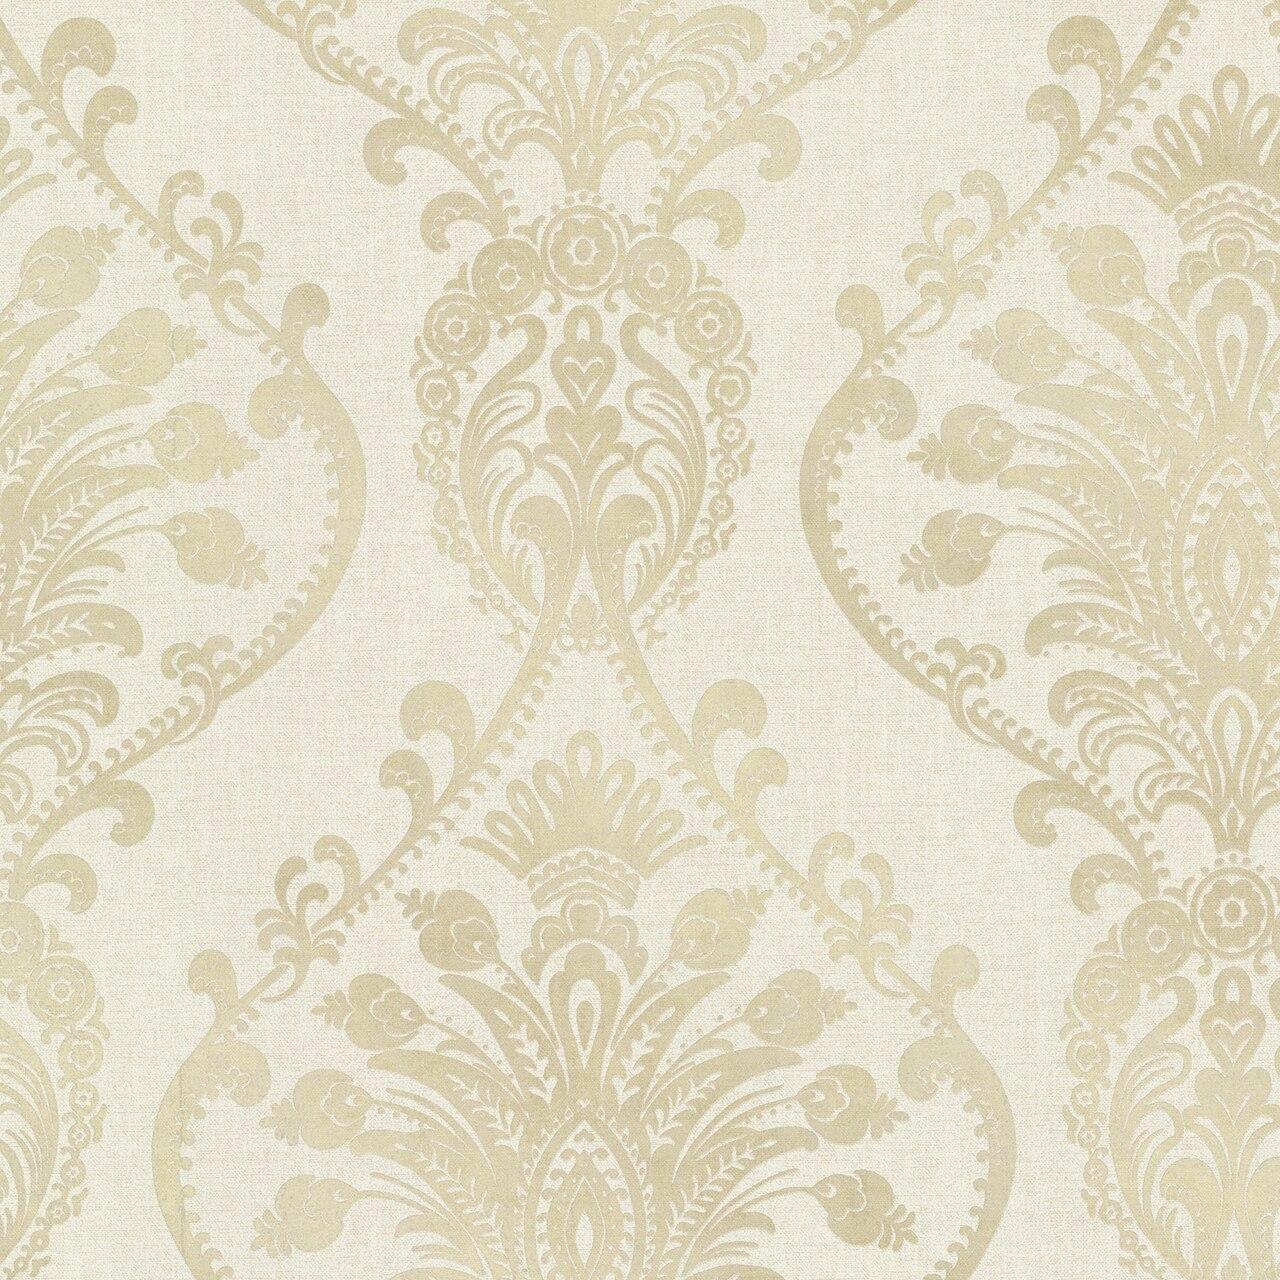 Brewster 2665 21457 Avalon Noble Fog Ornate Damask Wallpaper   The 1280x1280